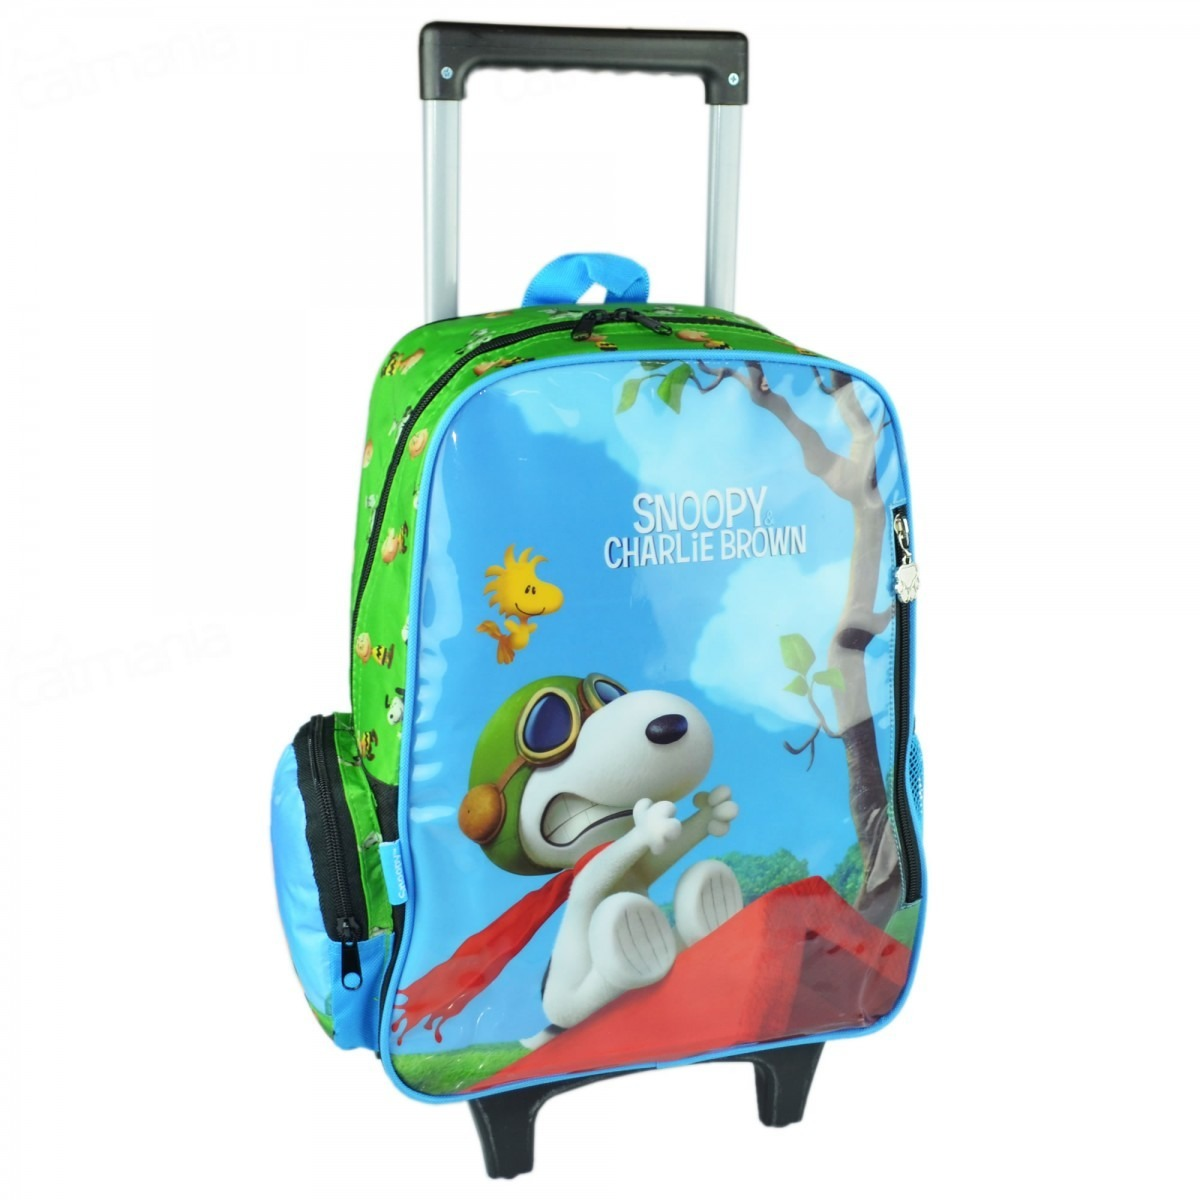 Bolsa De Rodinha Infantil Pequena : Kit mochila escolar snoopy infantil com rodinha e